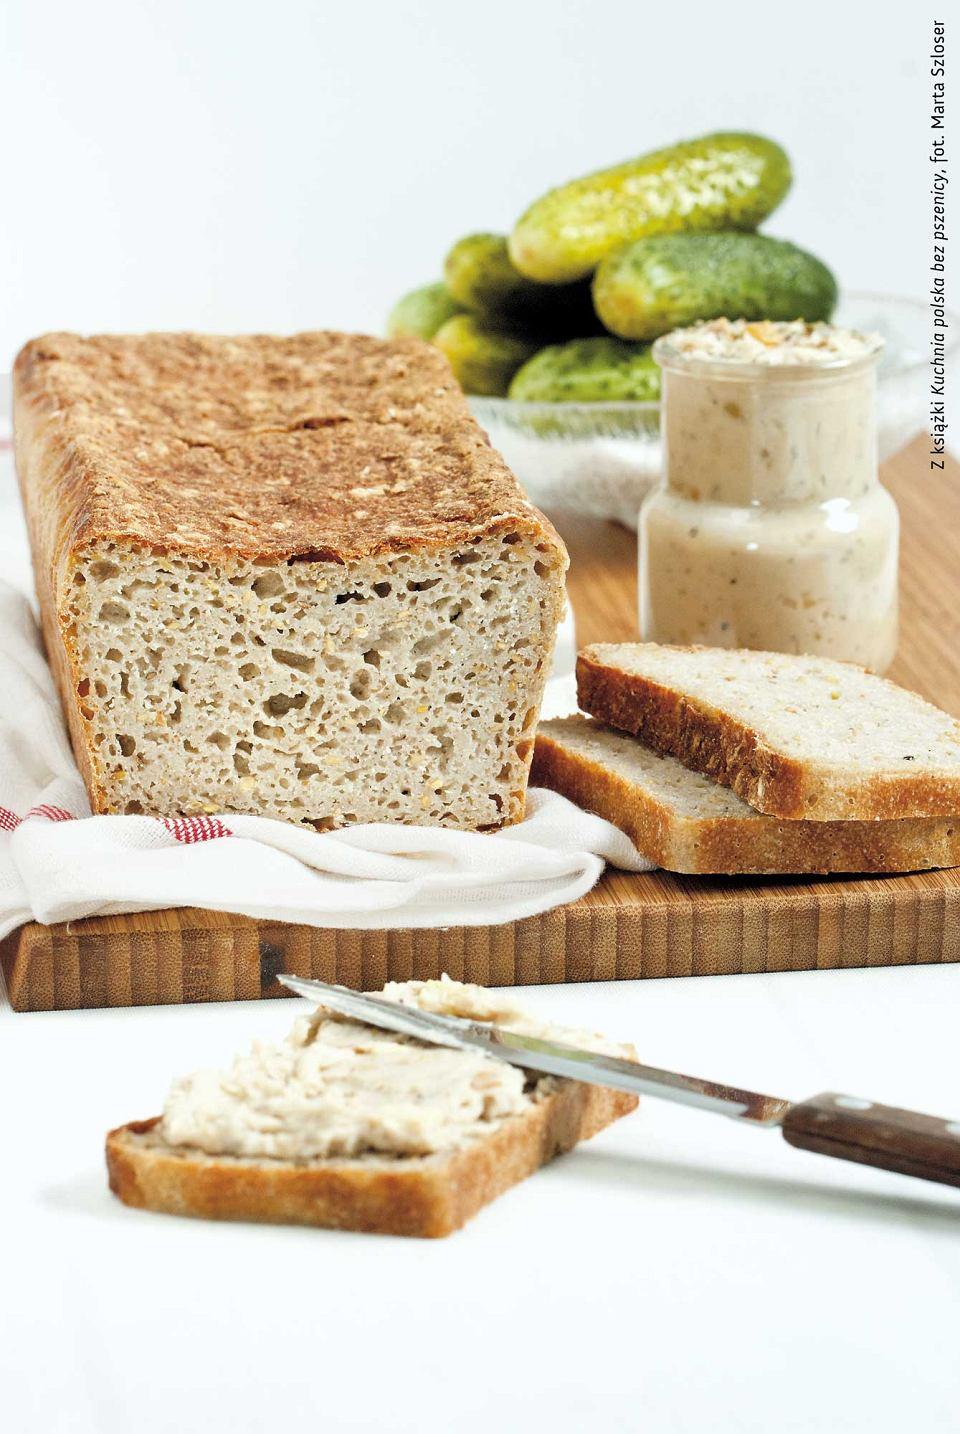 Dieta Bezglutenowa W Rodzimej Odsłonie Czyli Kuchnia